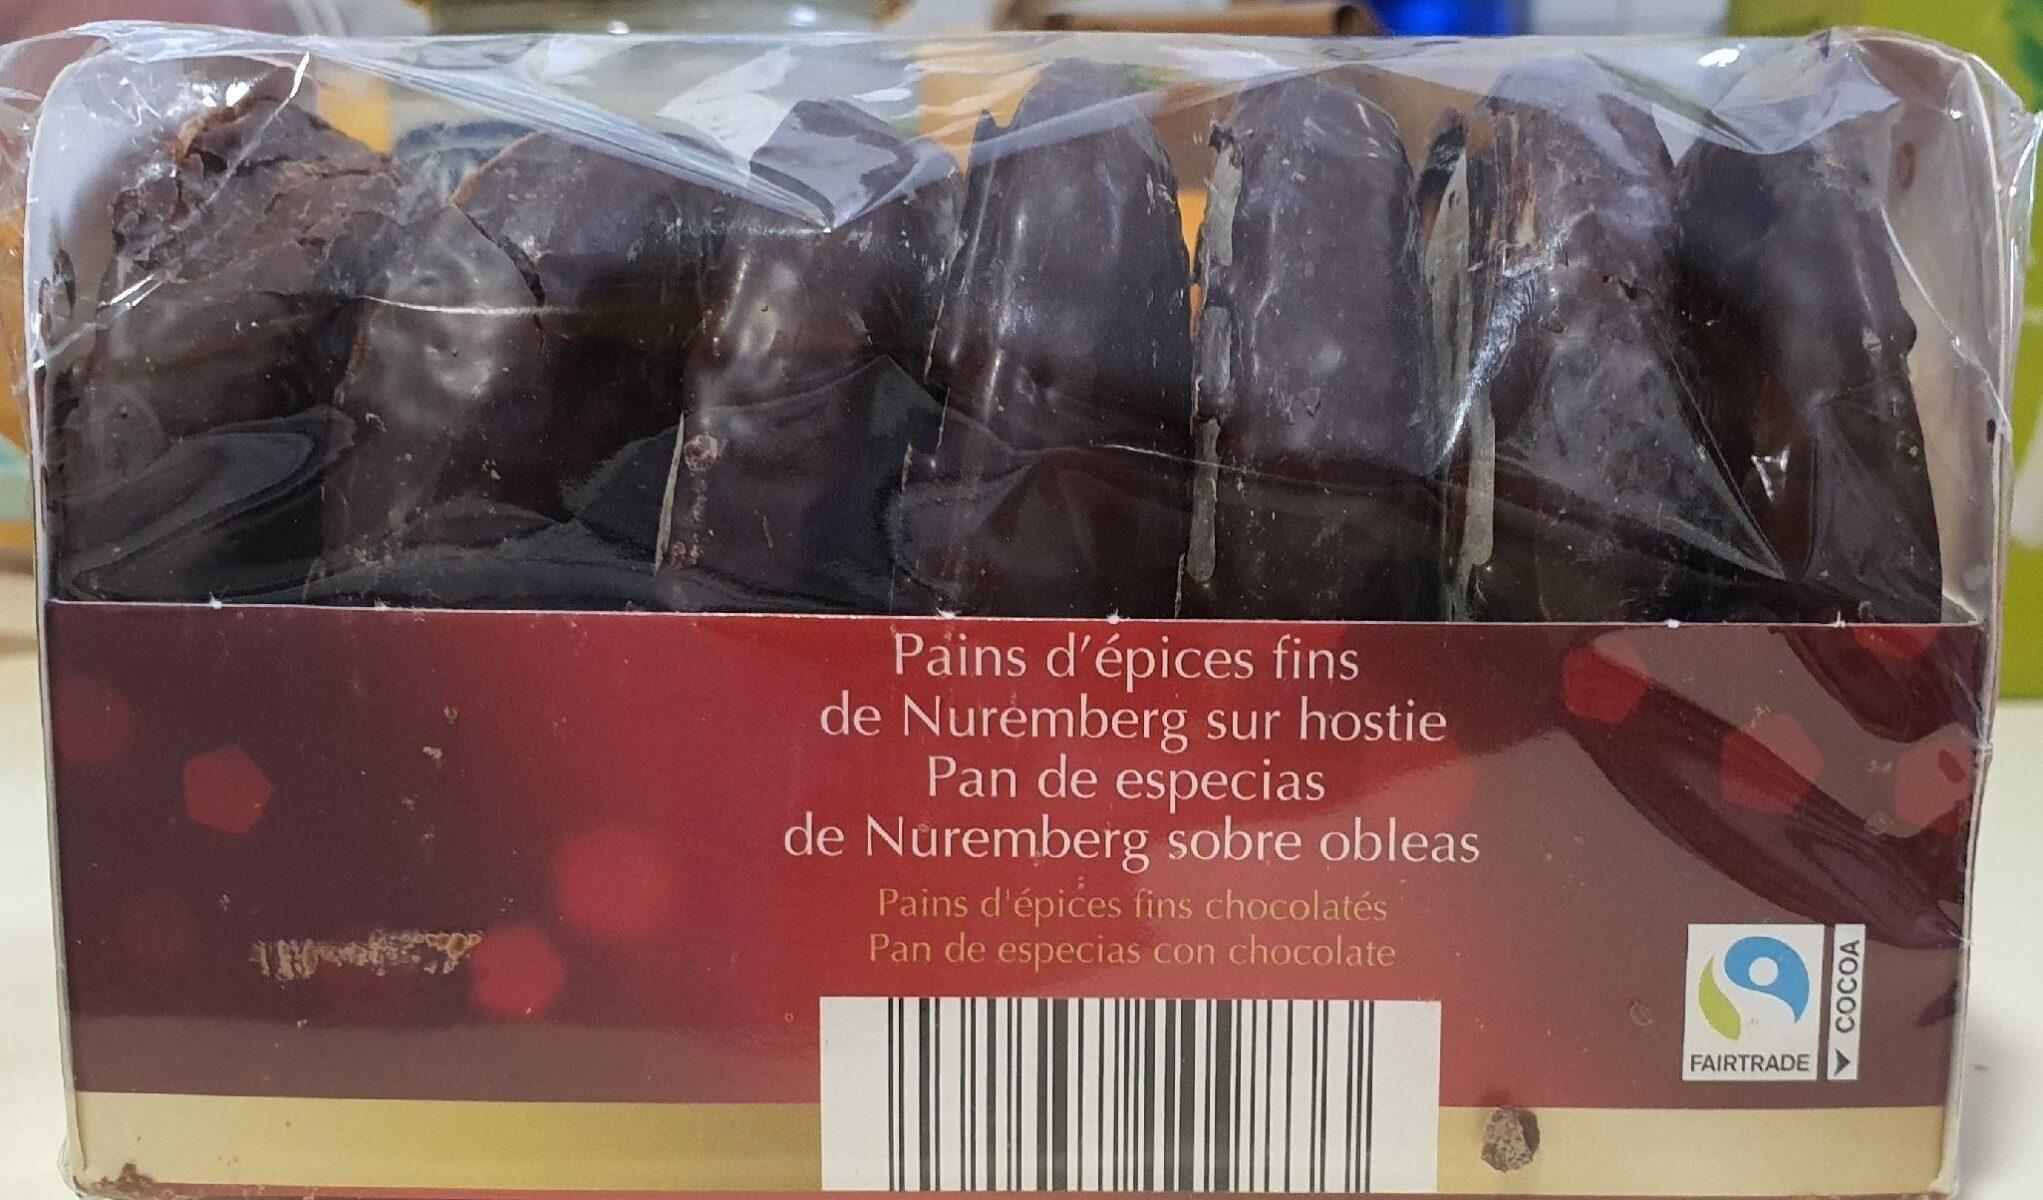 Pan de especias sobre obleas cubierto de chocolate - Product - en